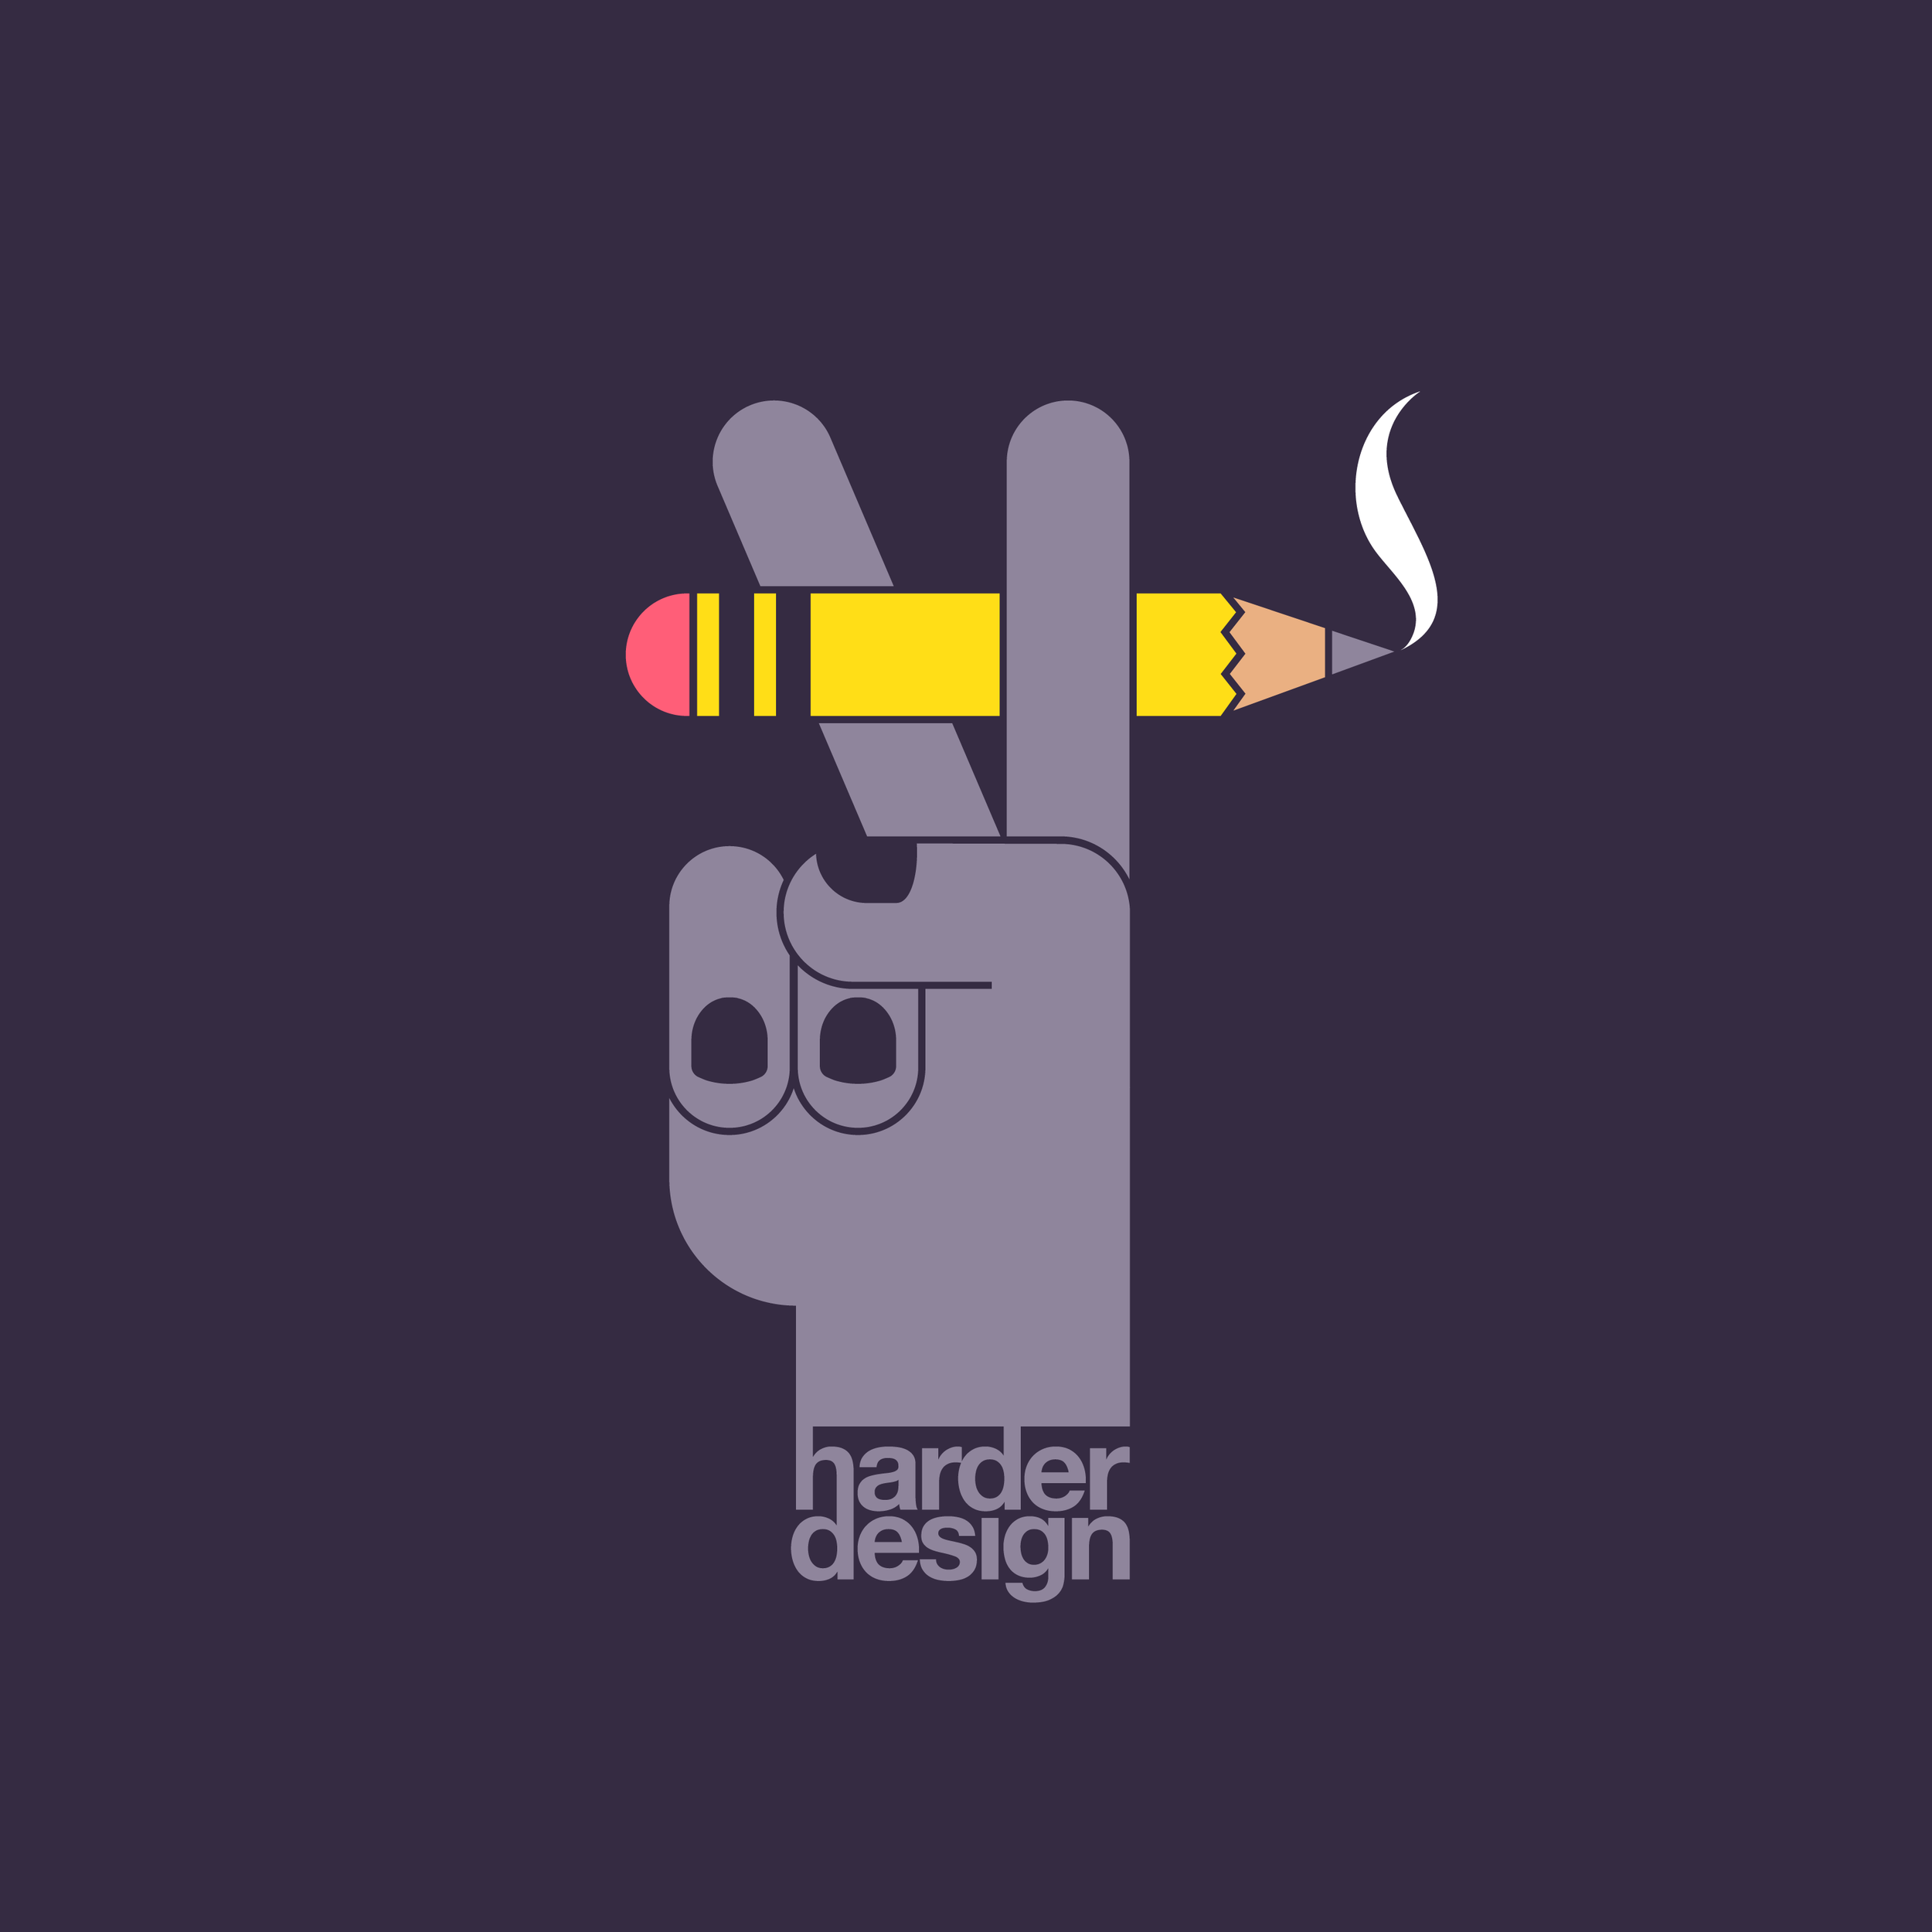 Hand-Design_Justin-Harder_Color1.png